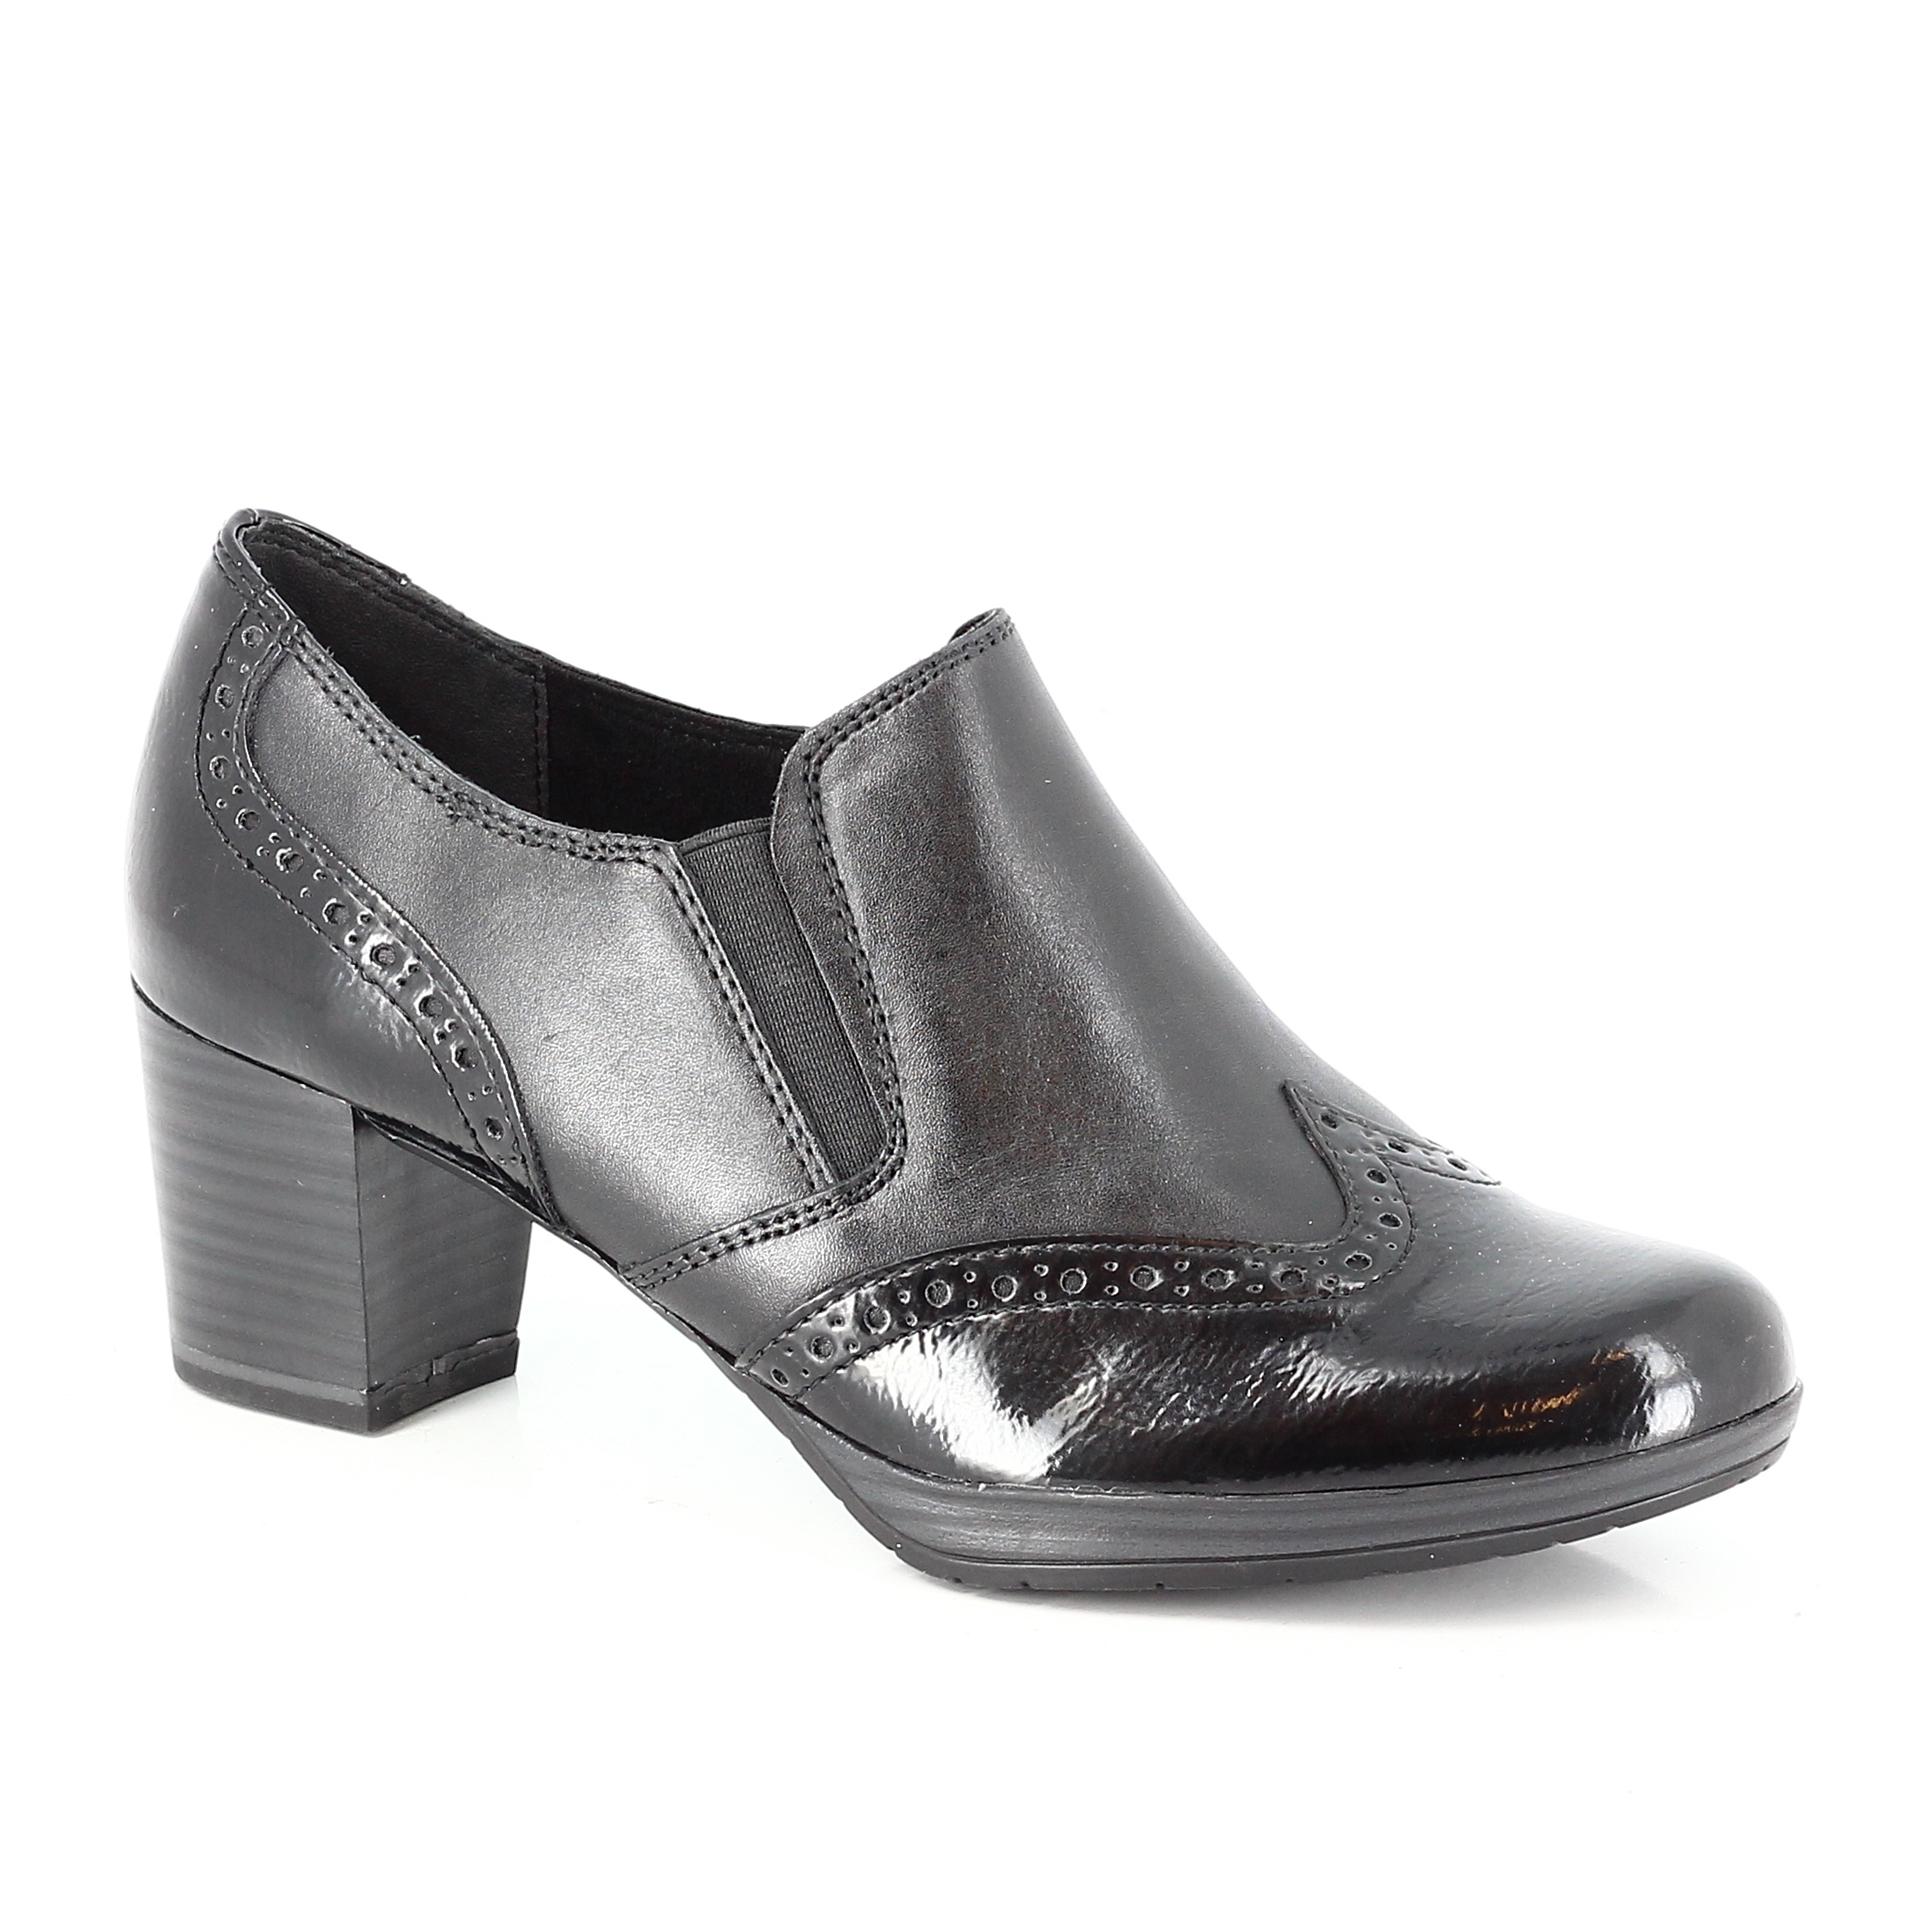 Bercolini Kényelmes cipők Marco Tozzi, női, szandál, bőr